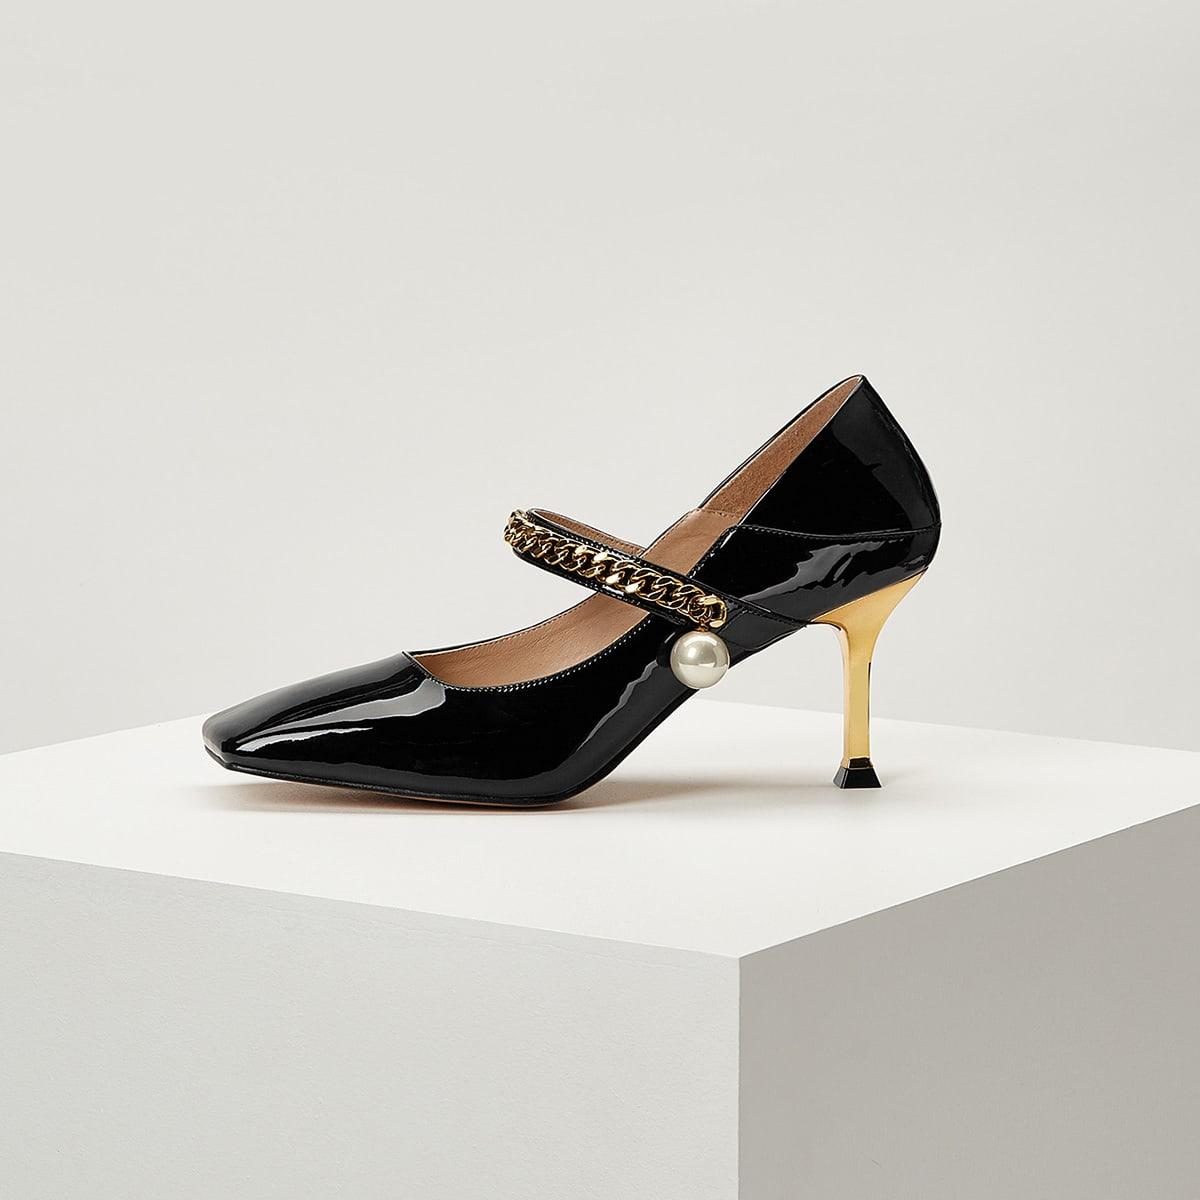 Кожаные туфли на каблуке с цепочкой от SHEIN